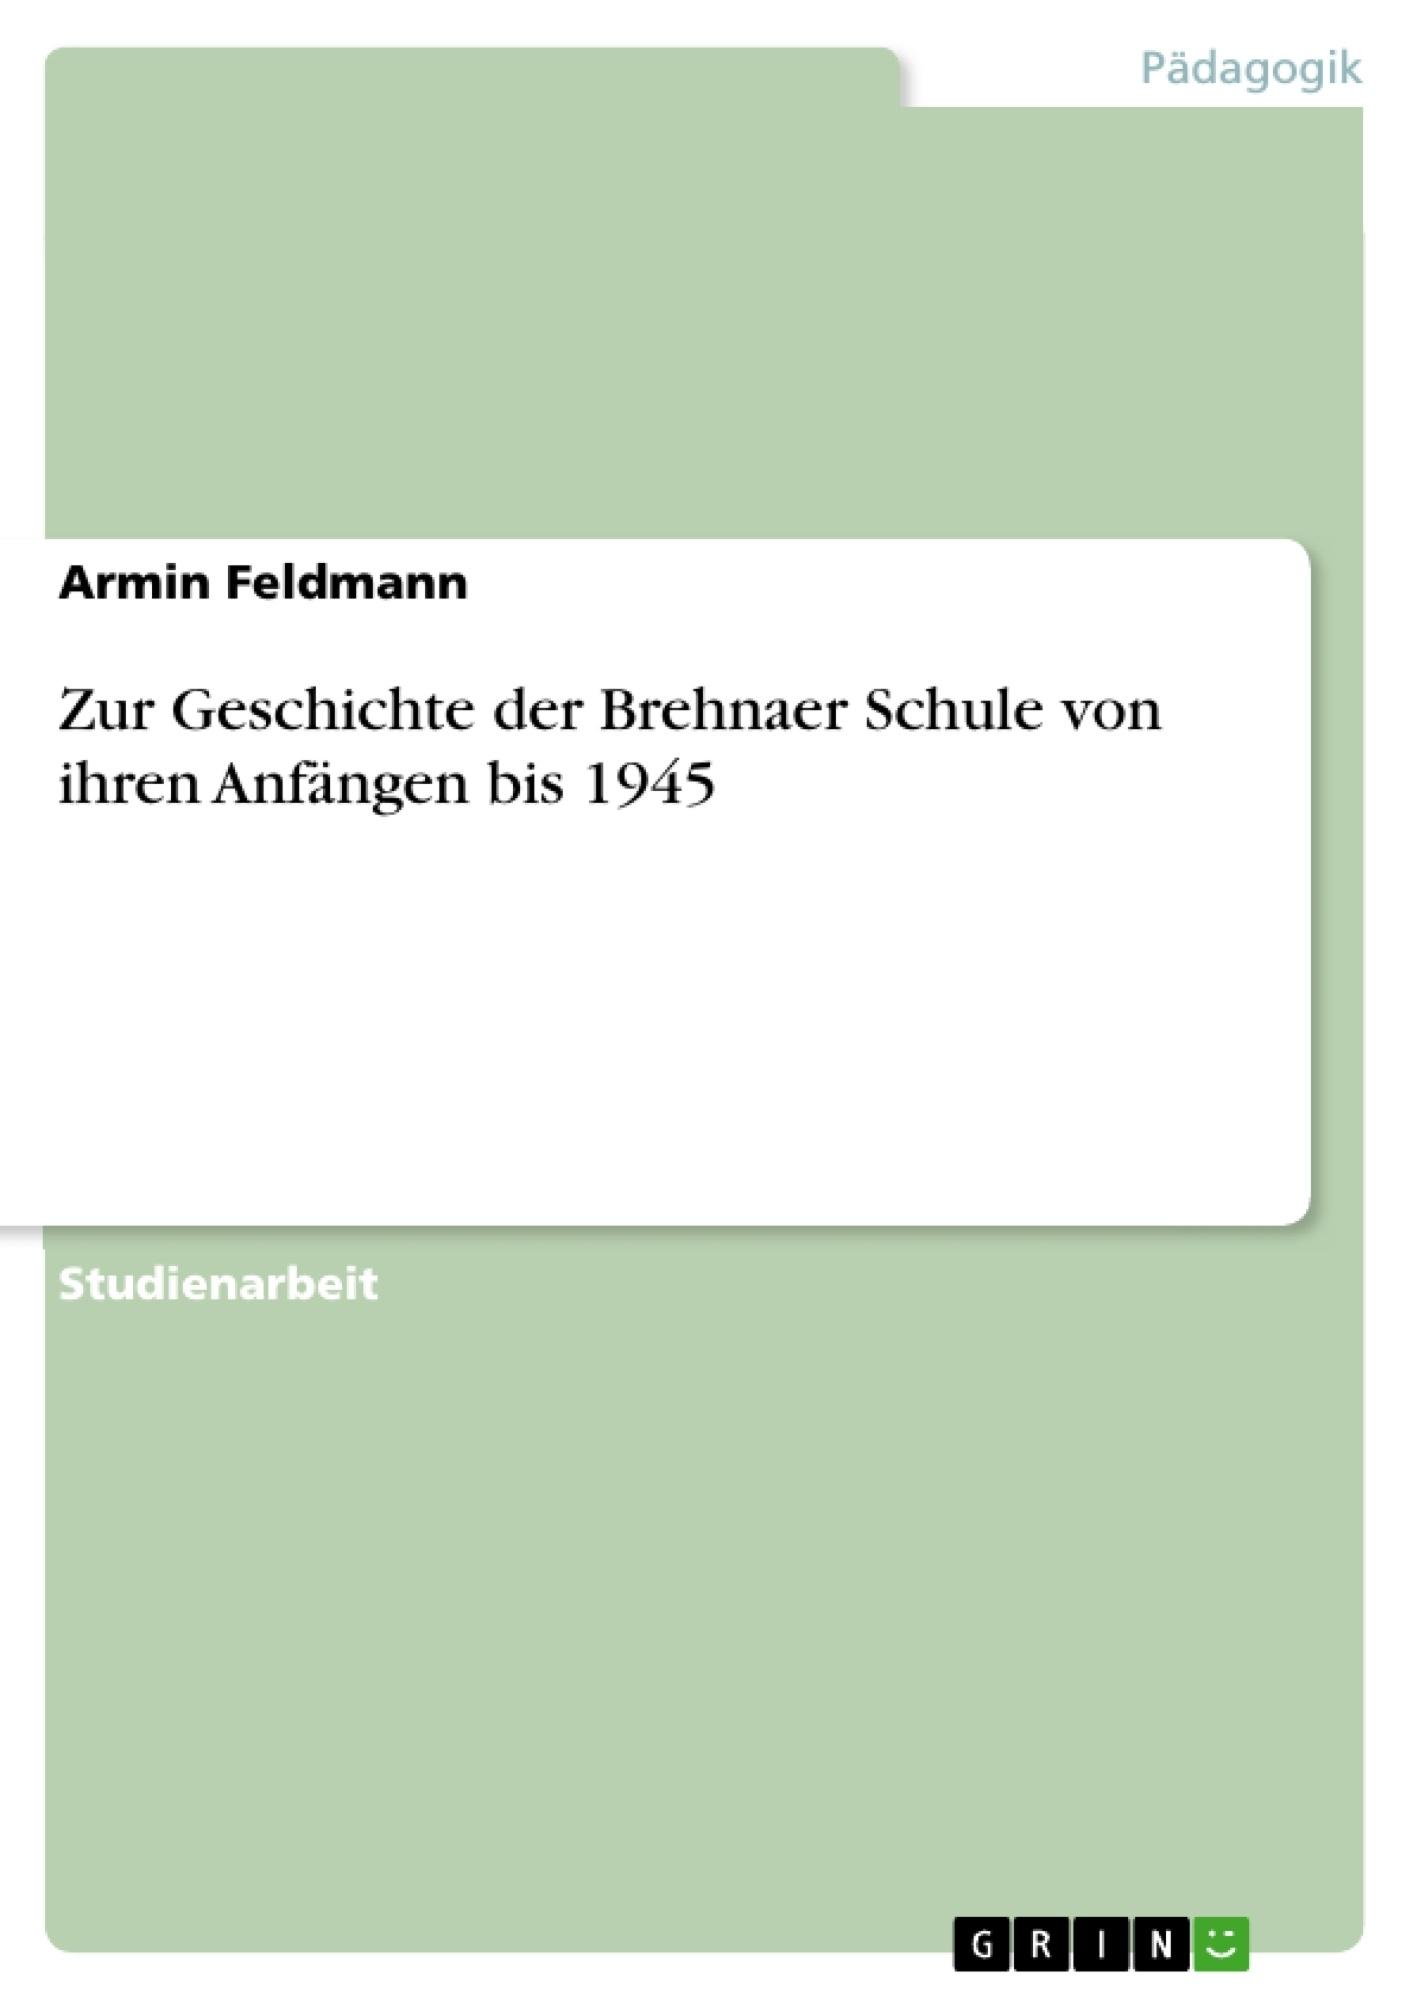 Titel: Zur Geschichte der Brehnaer Schule von ihren Anfängen bis 1945